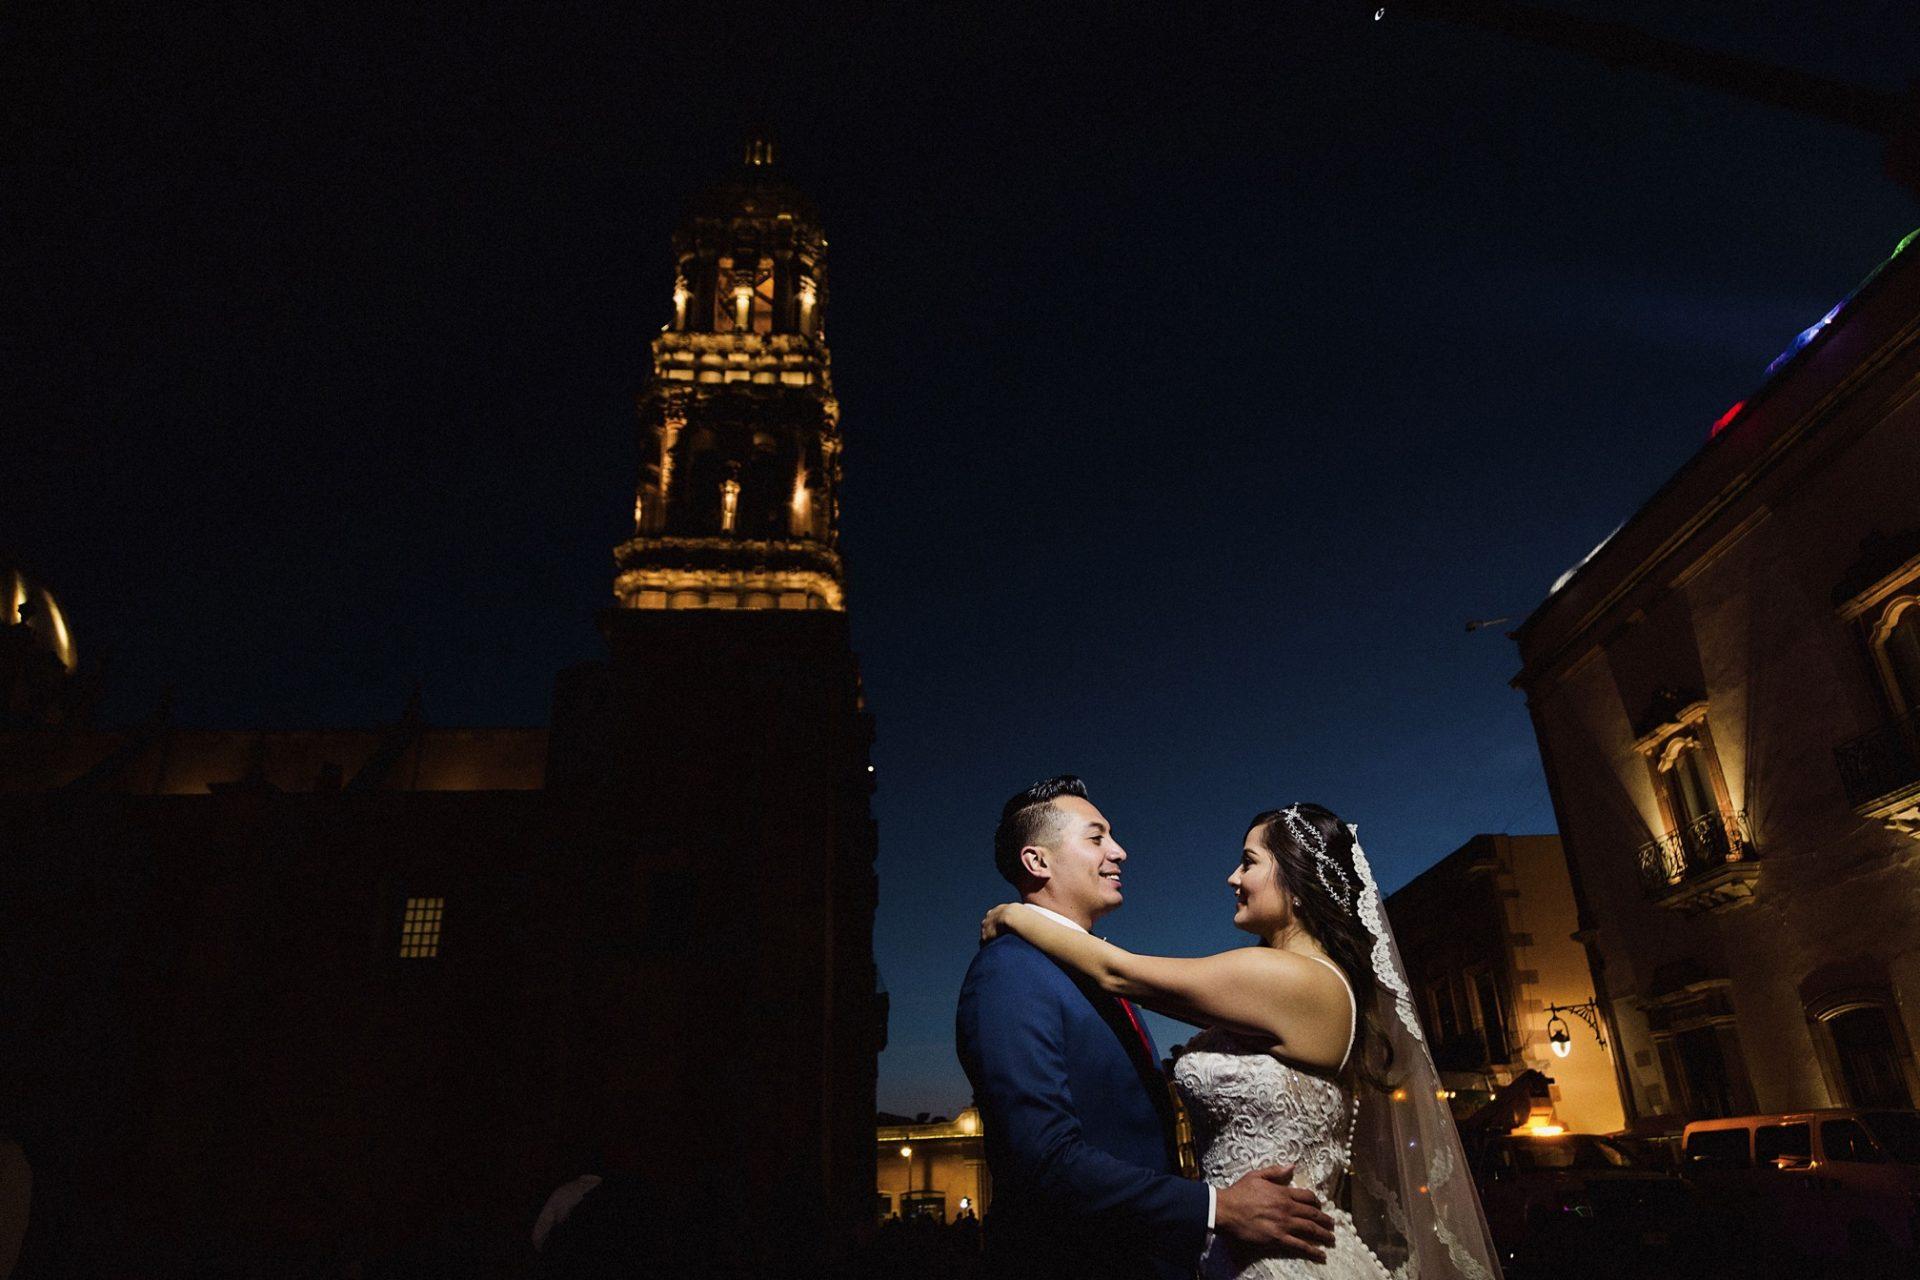 fotografo_profesional_bodas_zacatecas_mexico-45